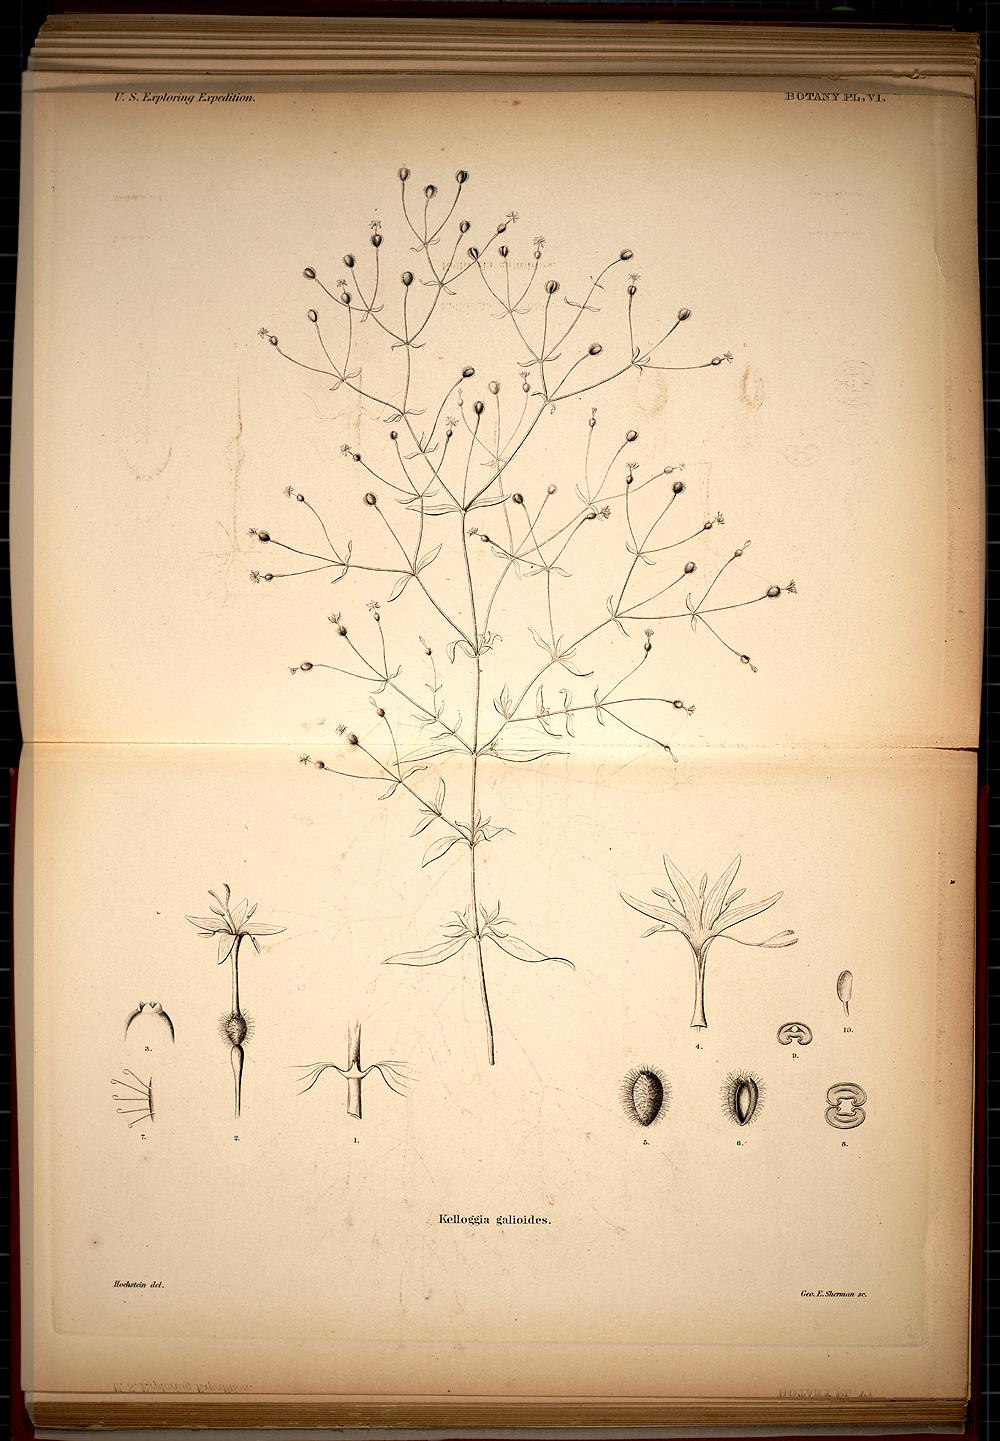 Botany, Plate VI,  Image number:SIL19-28-035